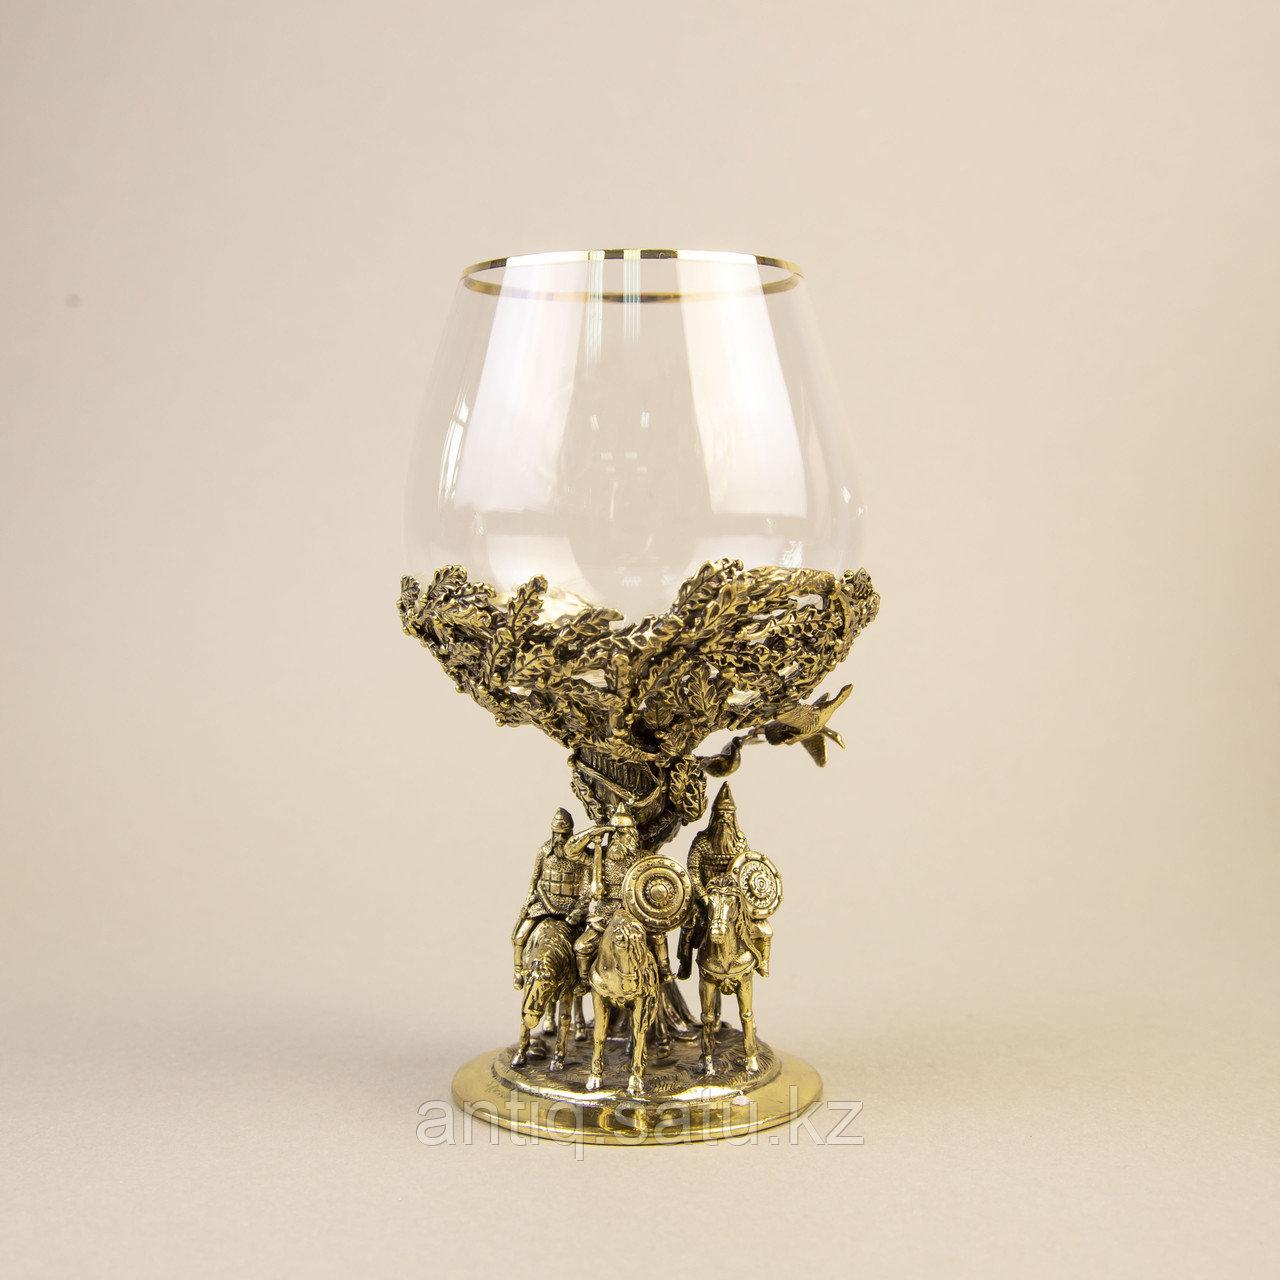 Три БОГАТЫРЯ. Подарочный кубок из массивной бронзы и стекла. - фото 1